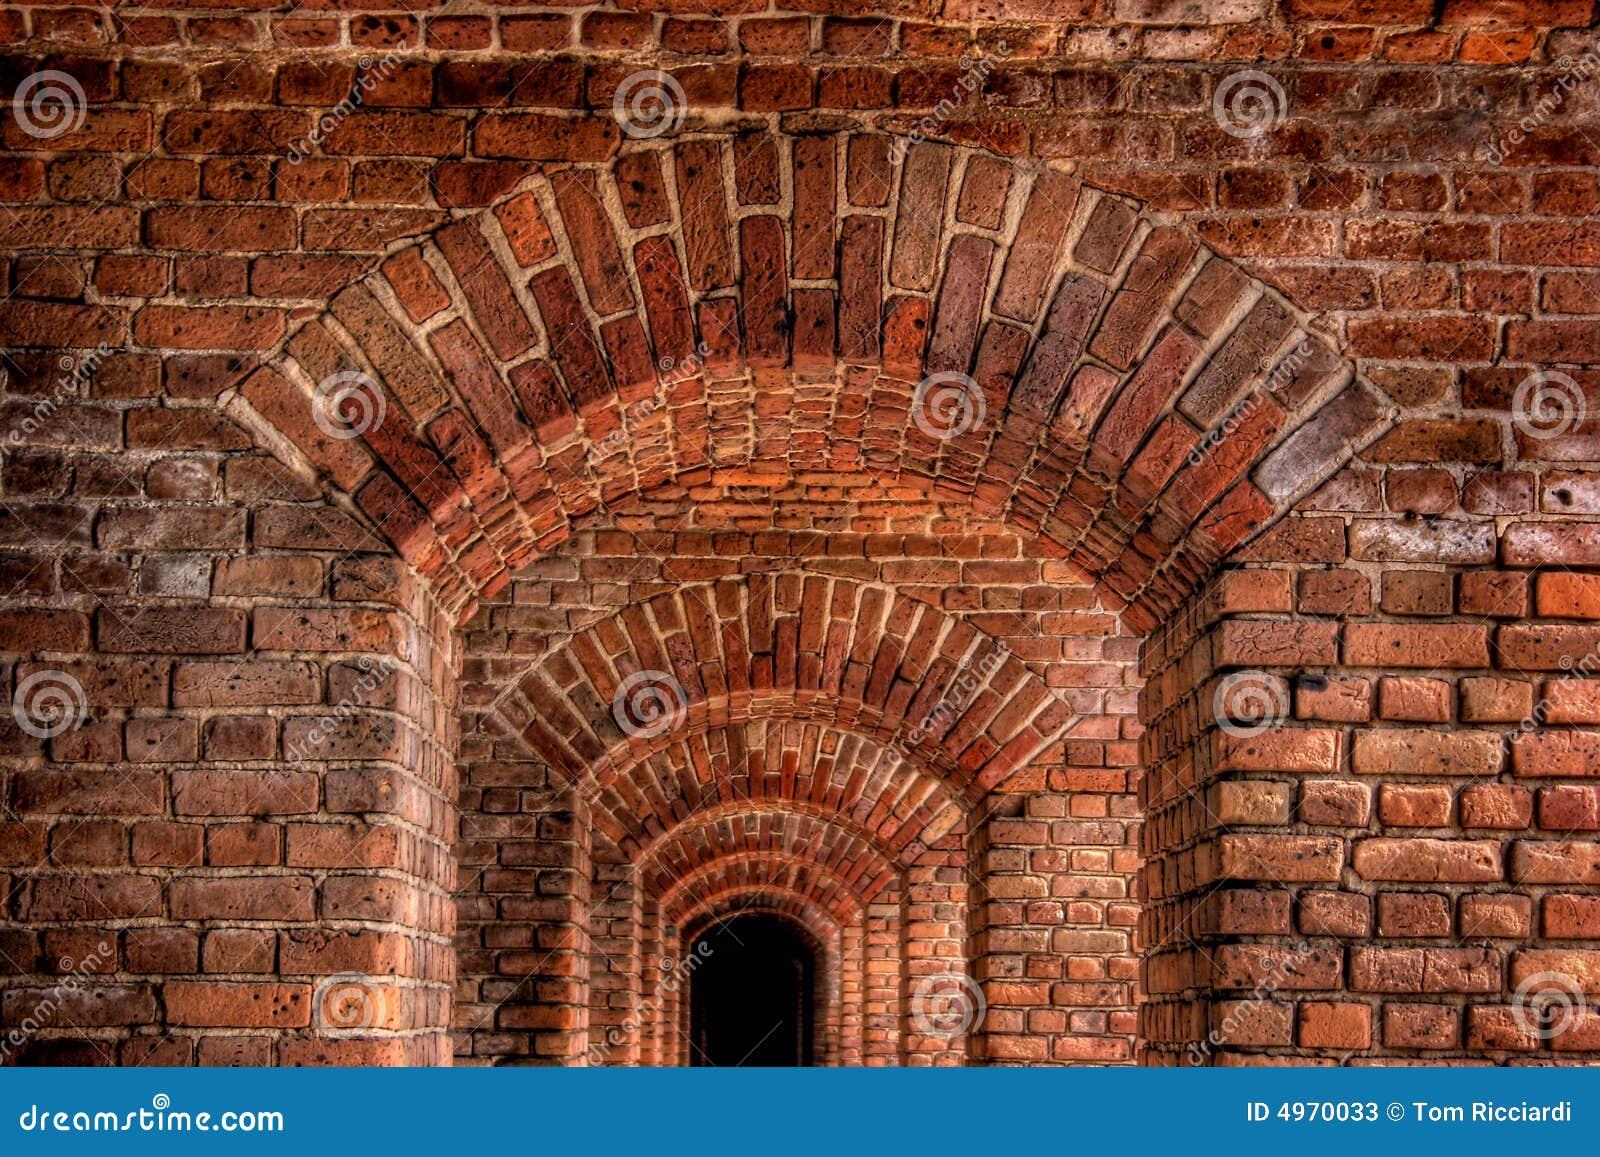 Arcos del ladrillo imagen de archivo imagen de ladrillos for Arcos de ladrillo